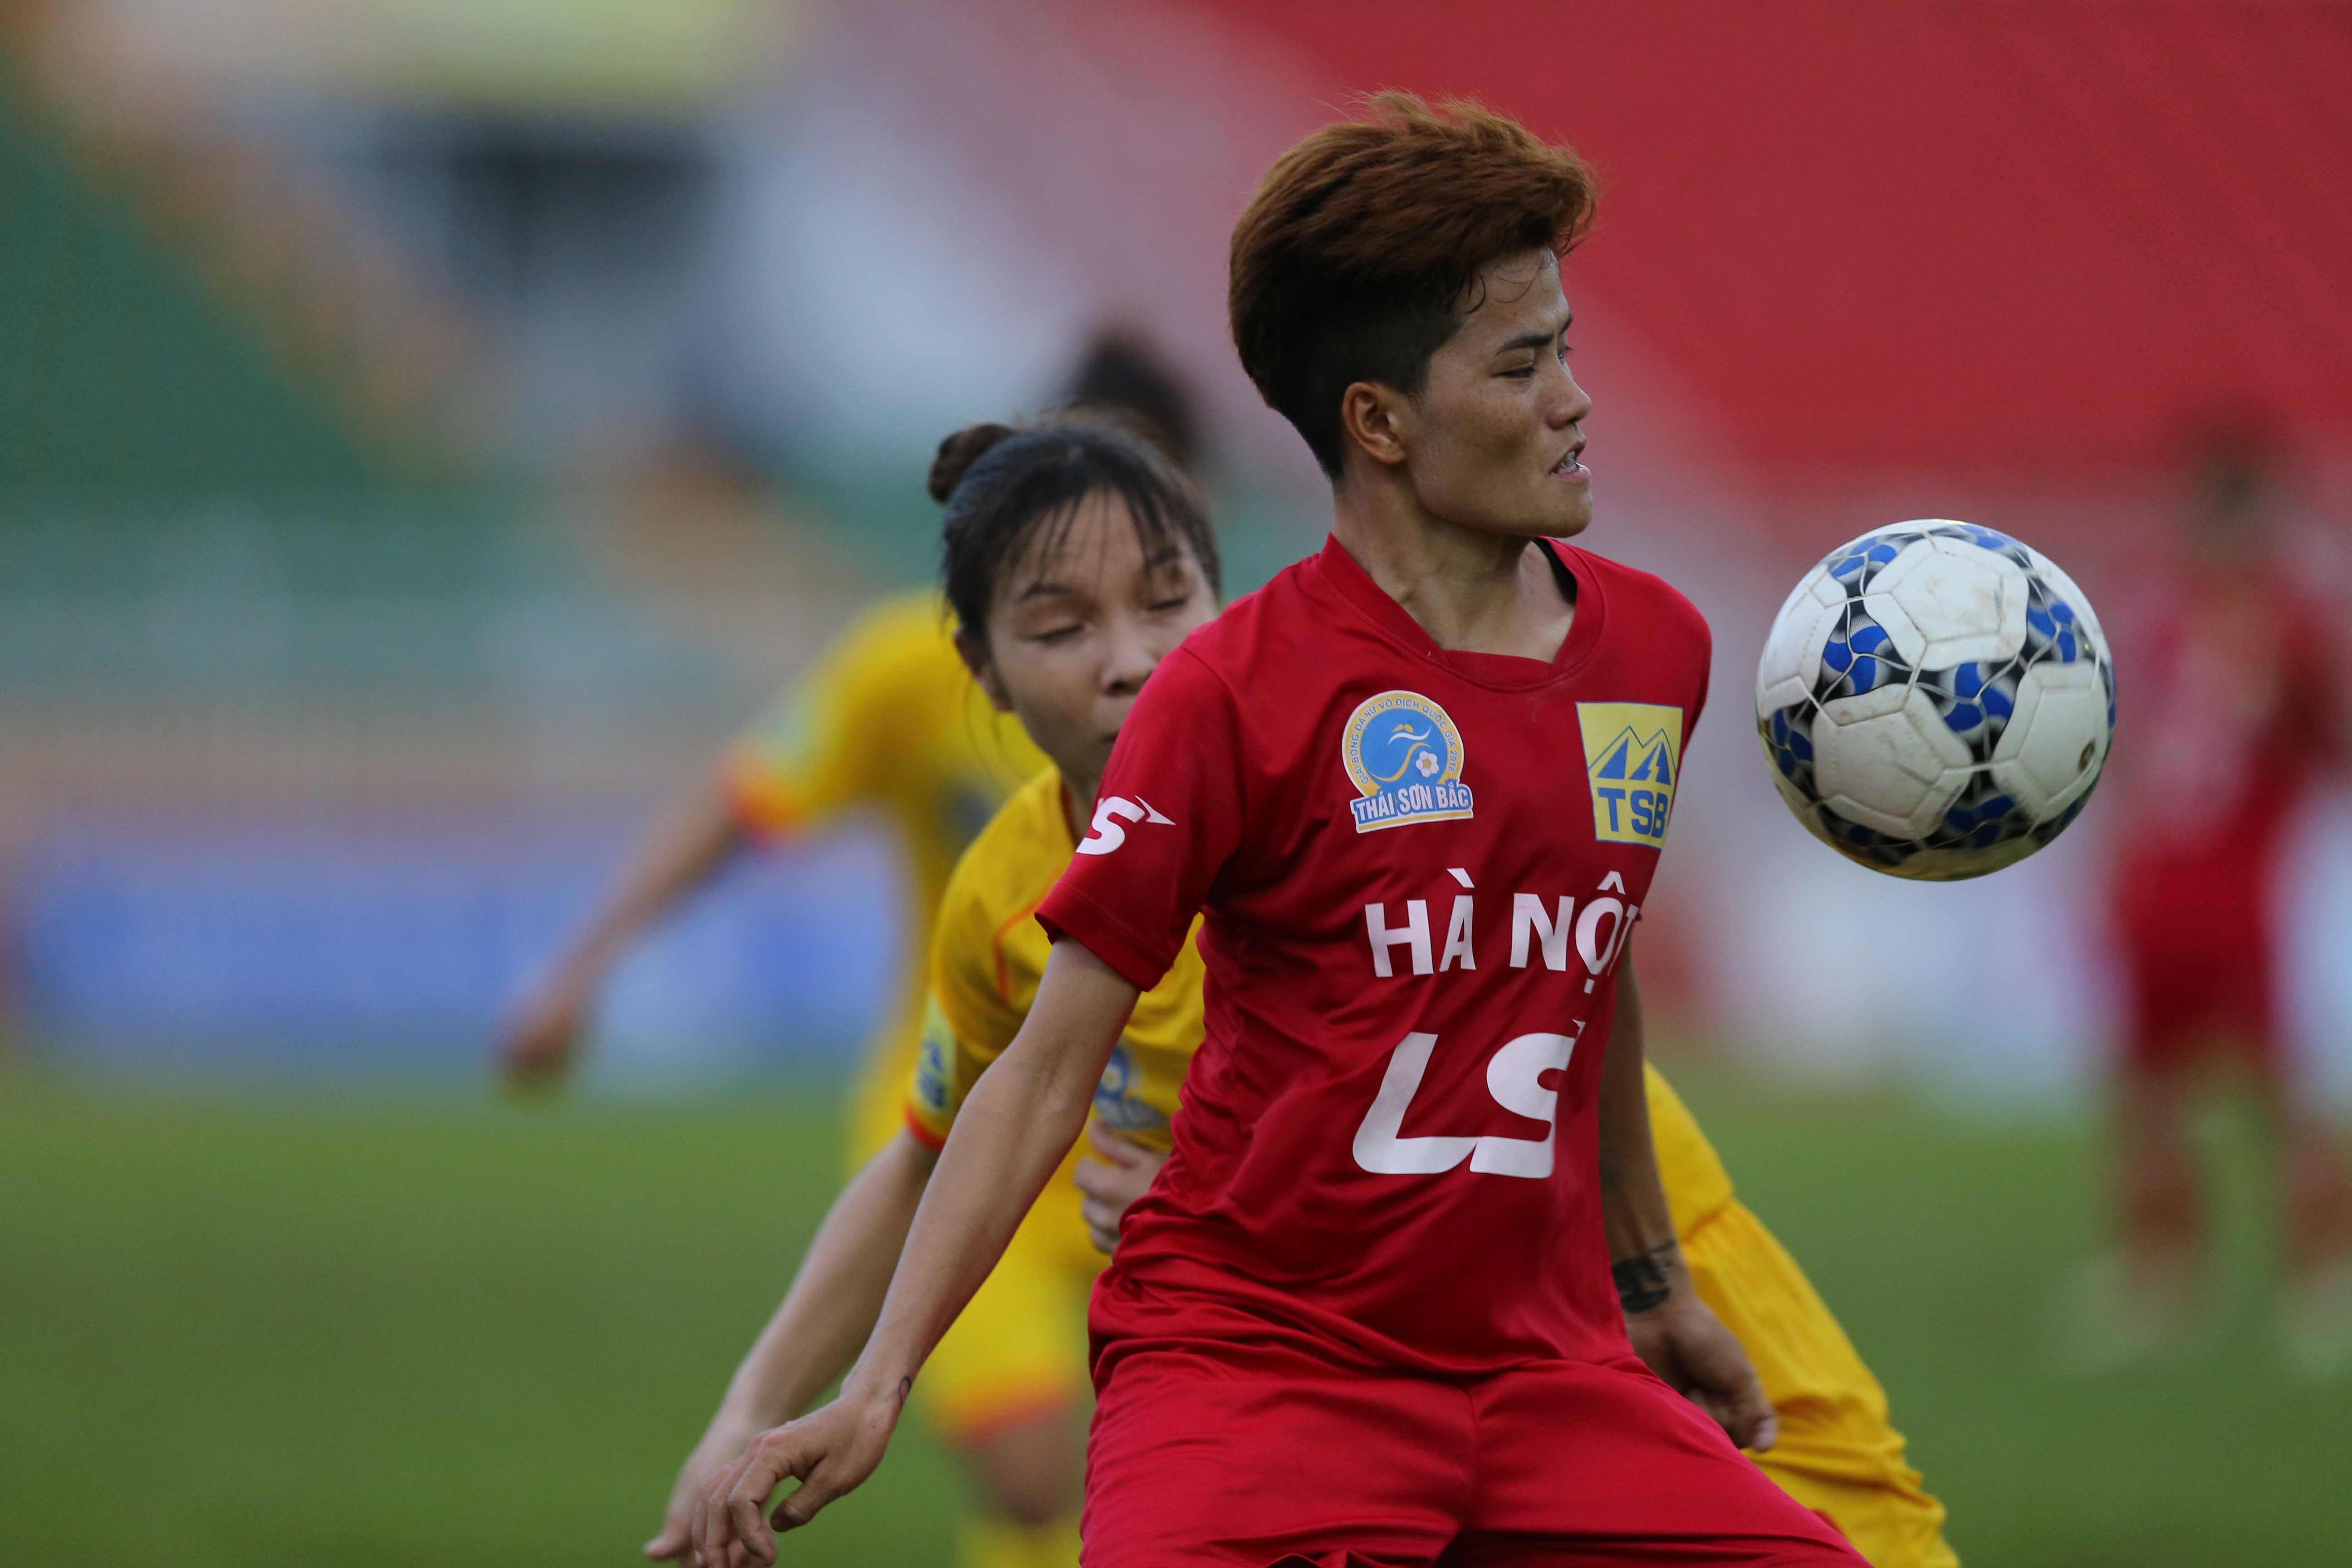 Vùi dập Sơn La 7 bàn, Hà Nội vô địch lượt đi - Bóng Đá